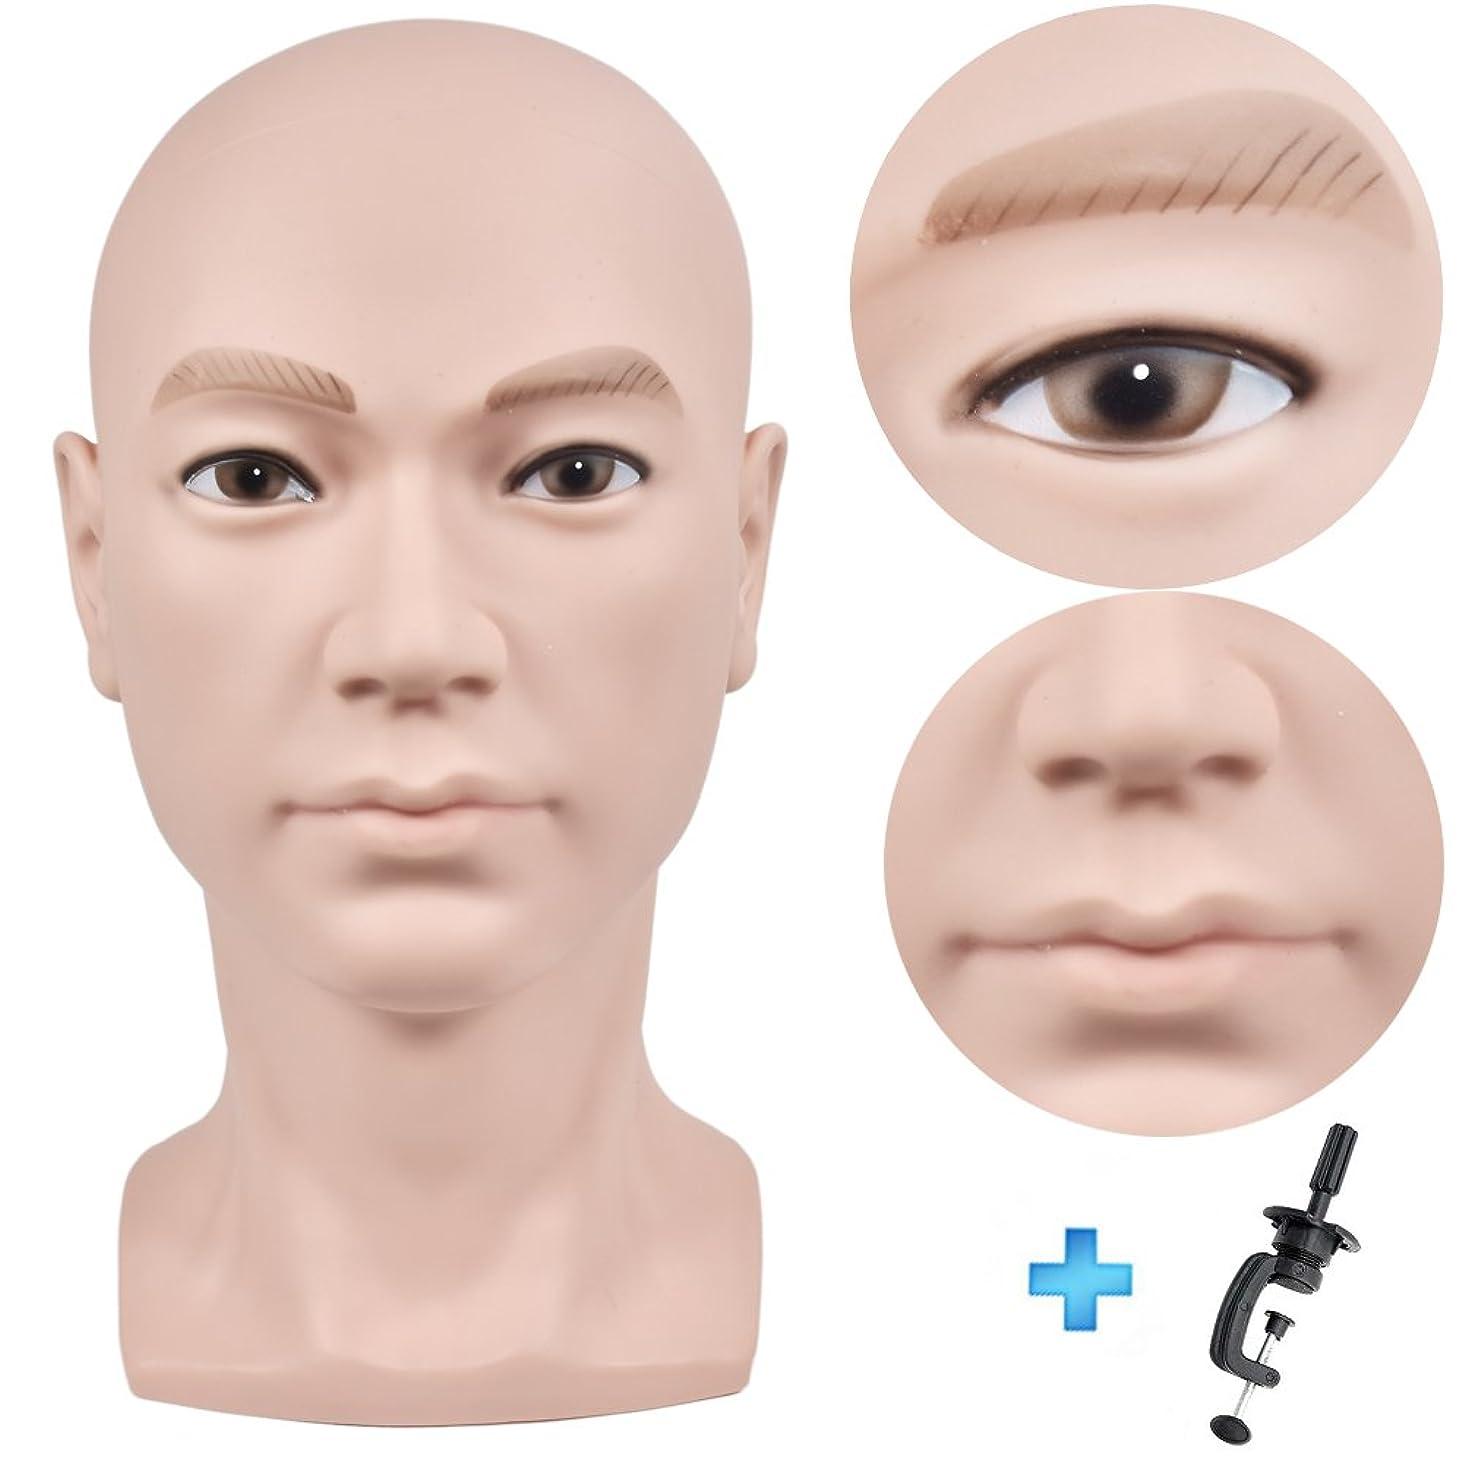 チェスをする布白雪姫髪のメイク、ディスプレイのかつら、メガネ、髪、Tピン、フリークランプのための禿げたマネキンヘッドベージュ男性プロの化粧品